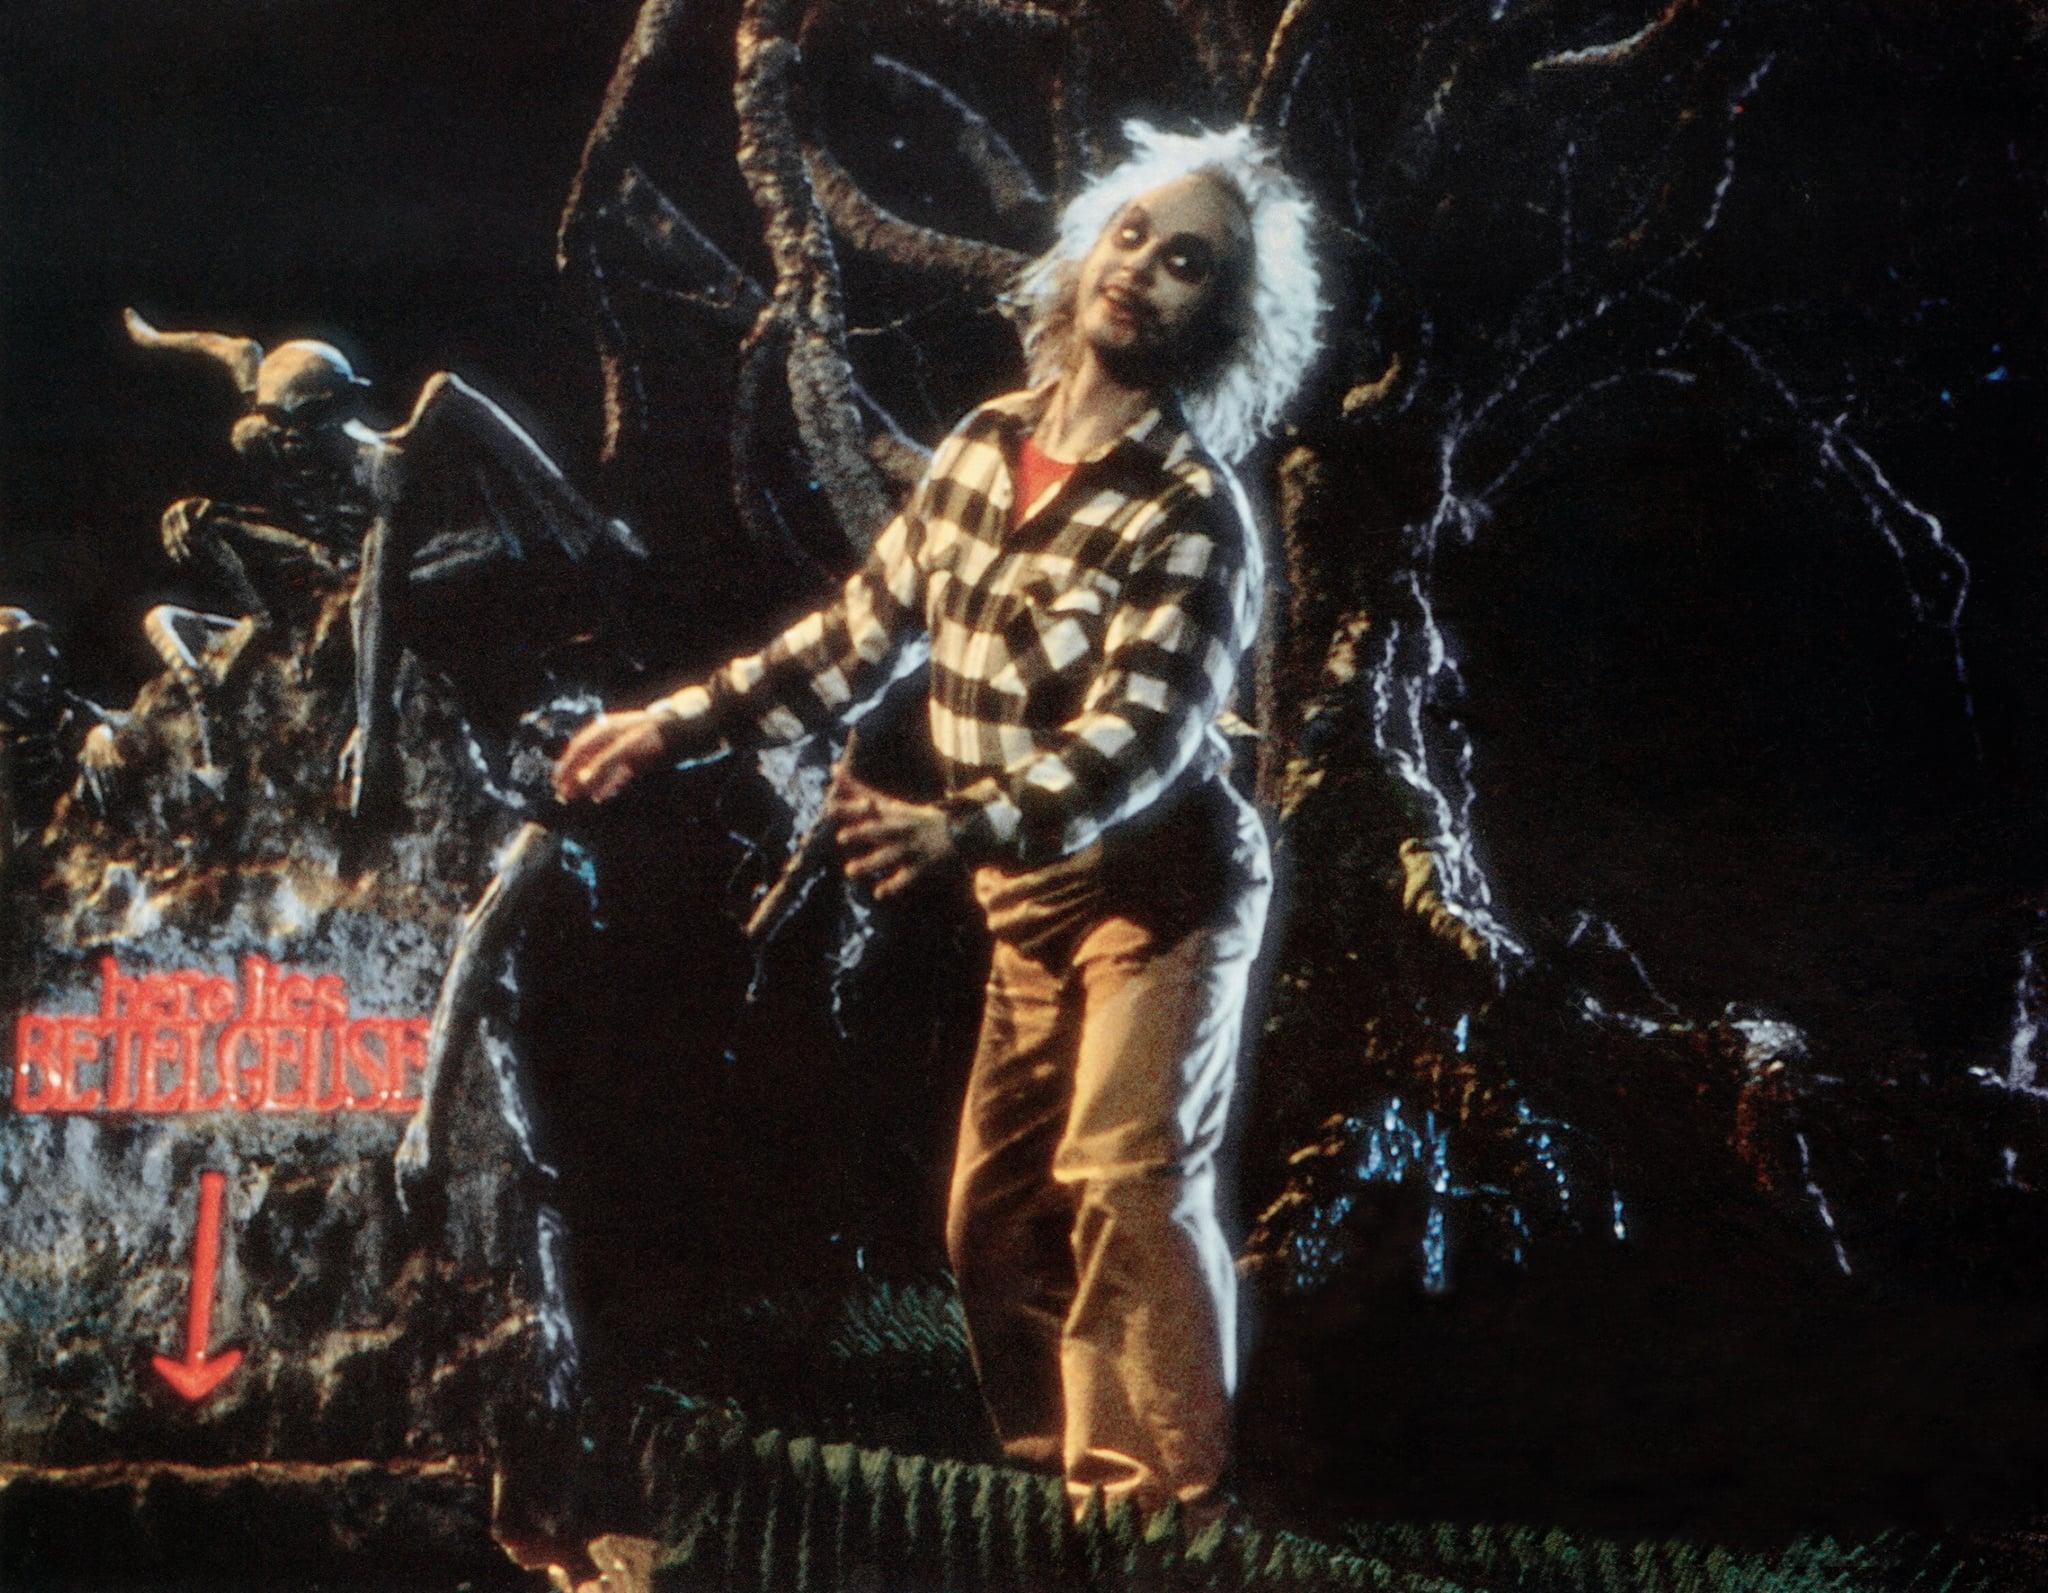 Halloween Spooktacular Movie.Beetlejuice The 28 Most Spooktacular Halloween Movies To